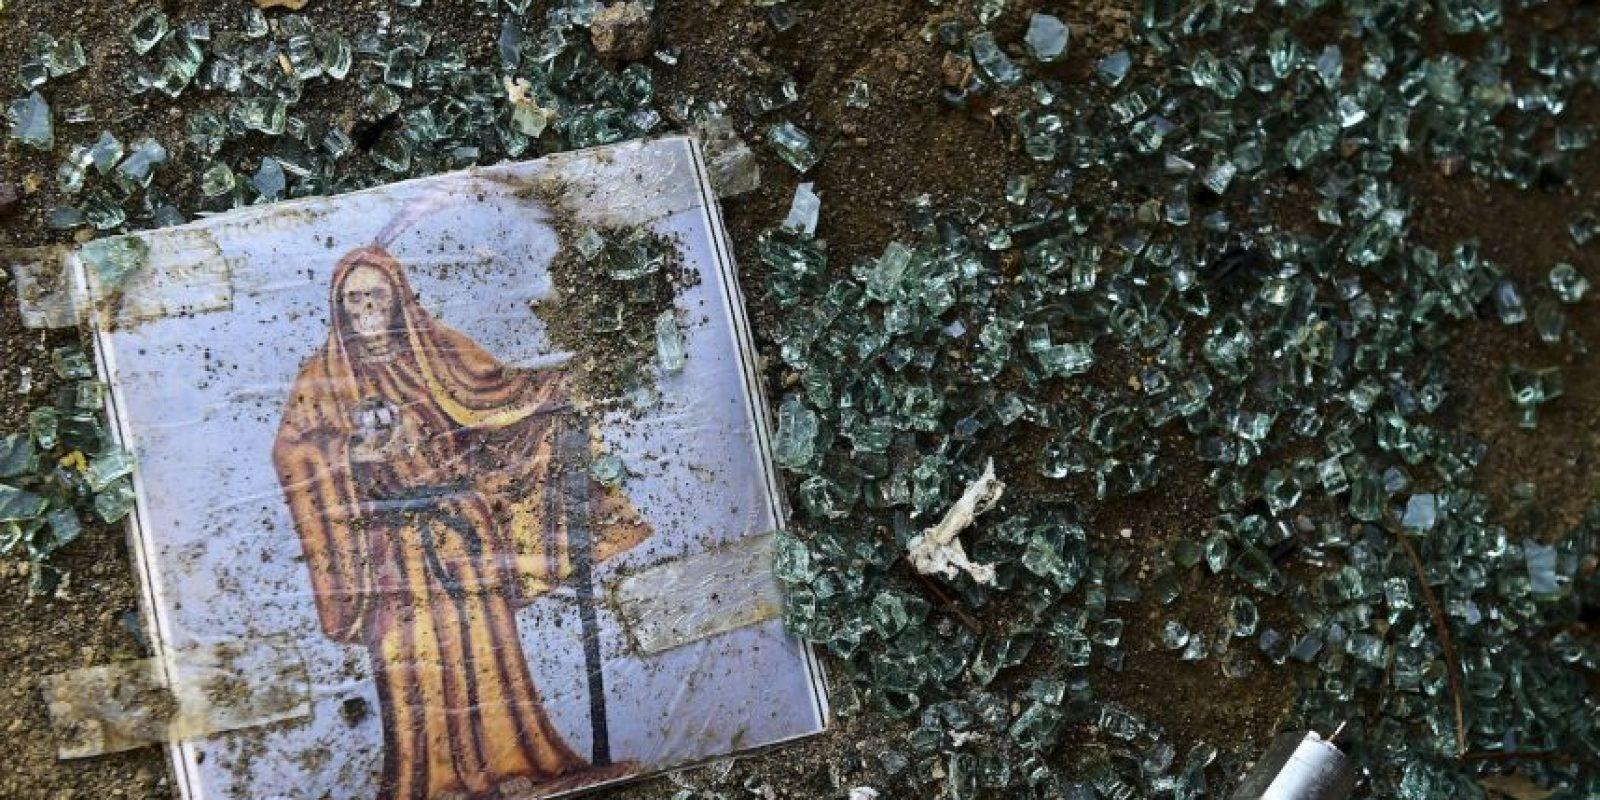 Estas son imágenes del fallido operativo de su captura Foto:AFP